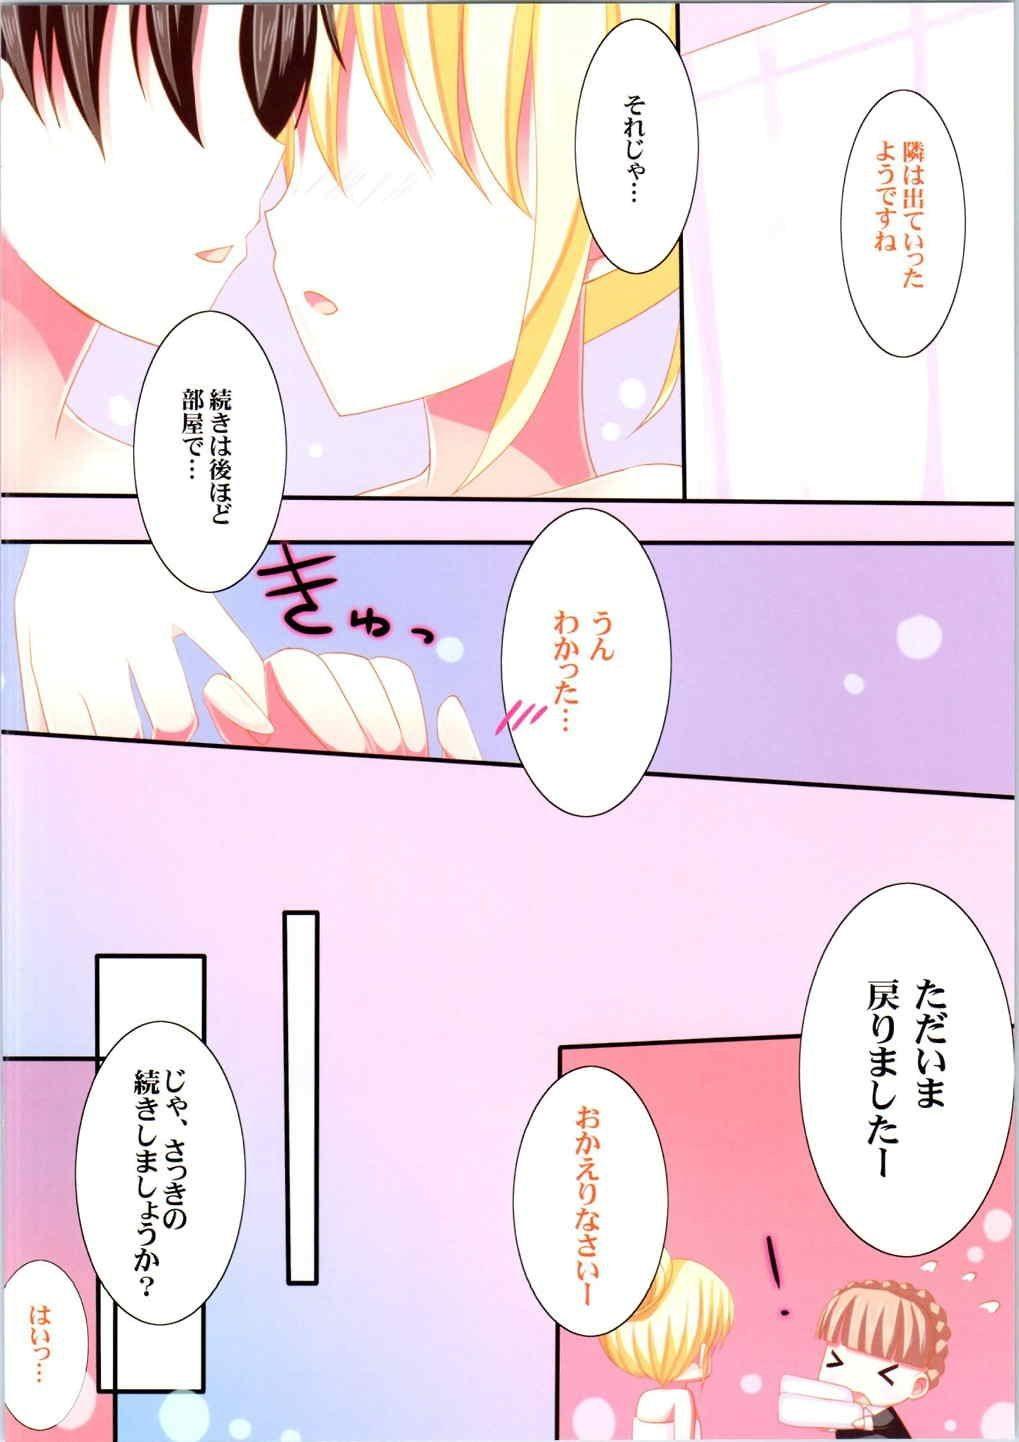 【エロ漫画】巨乳アセイラムが伊奈帆に着替えの見張りを頼んだら逆に興奮されちゃって乳首舐められフェラさせられツルマンに中出しされちゃうwwwwww